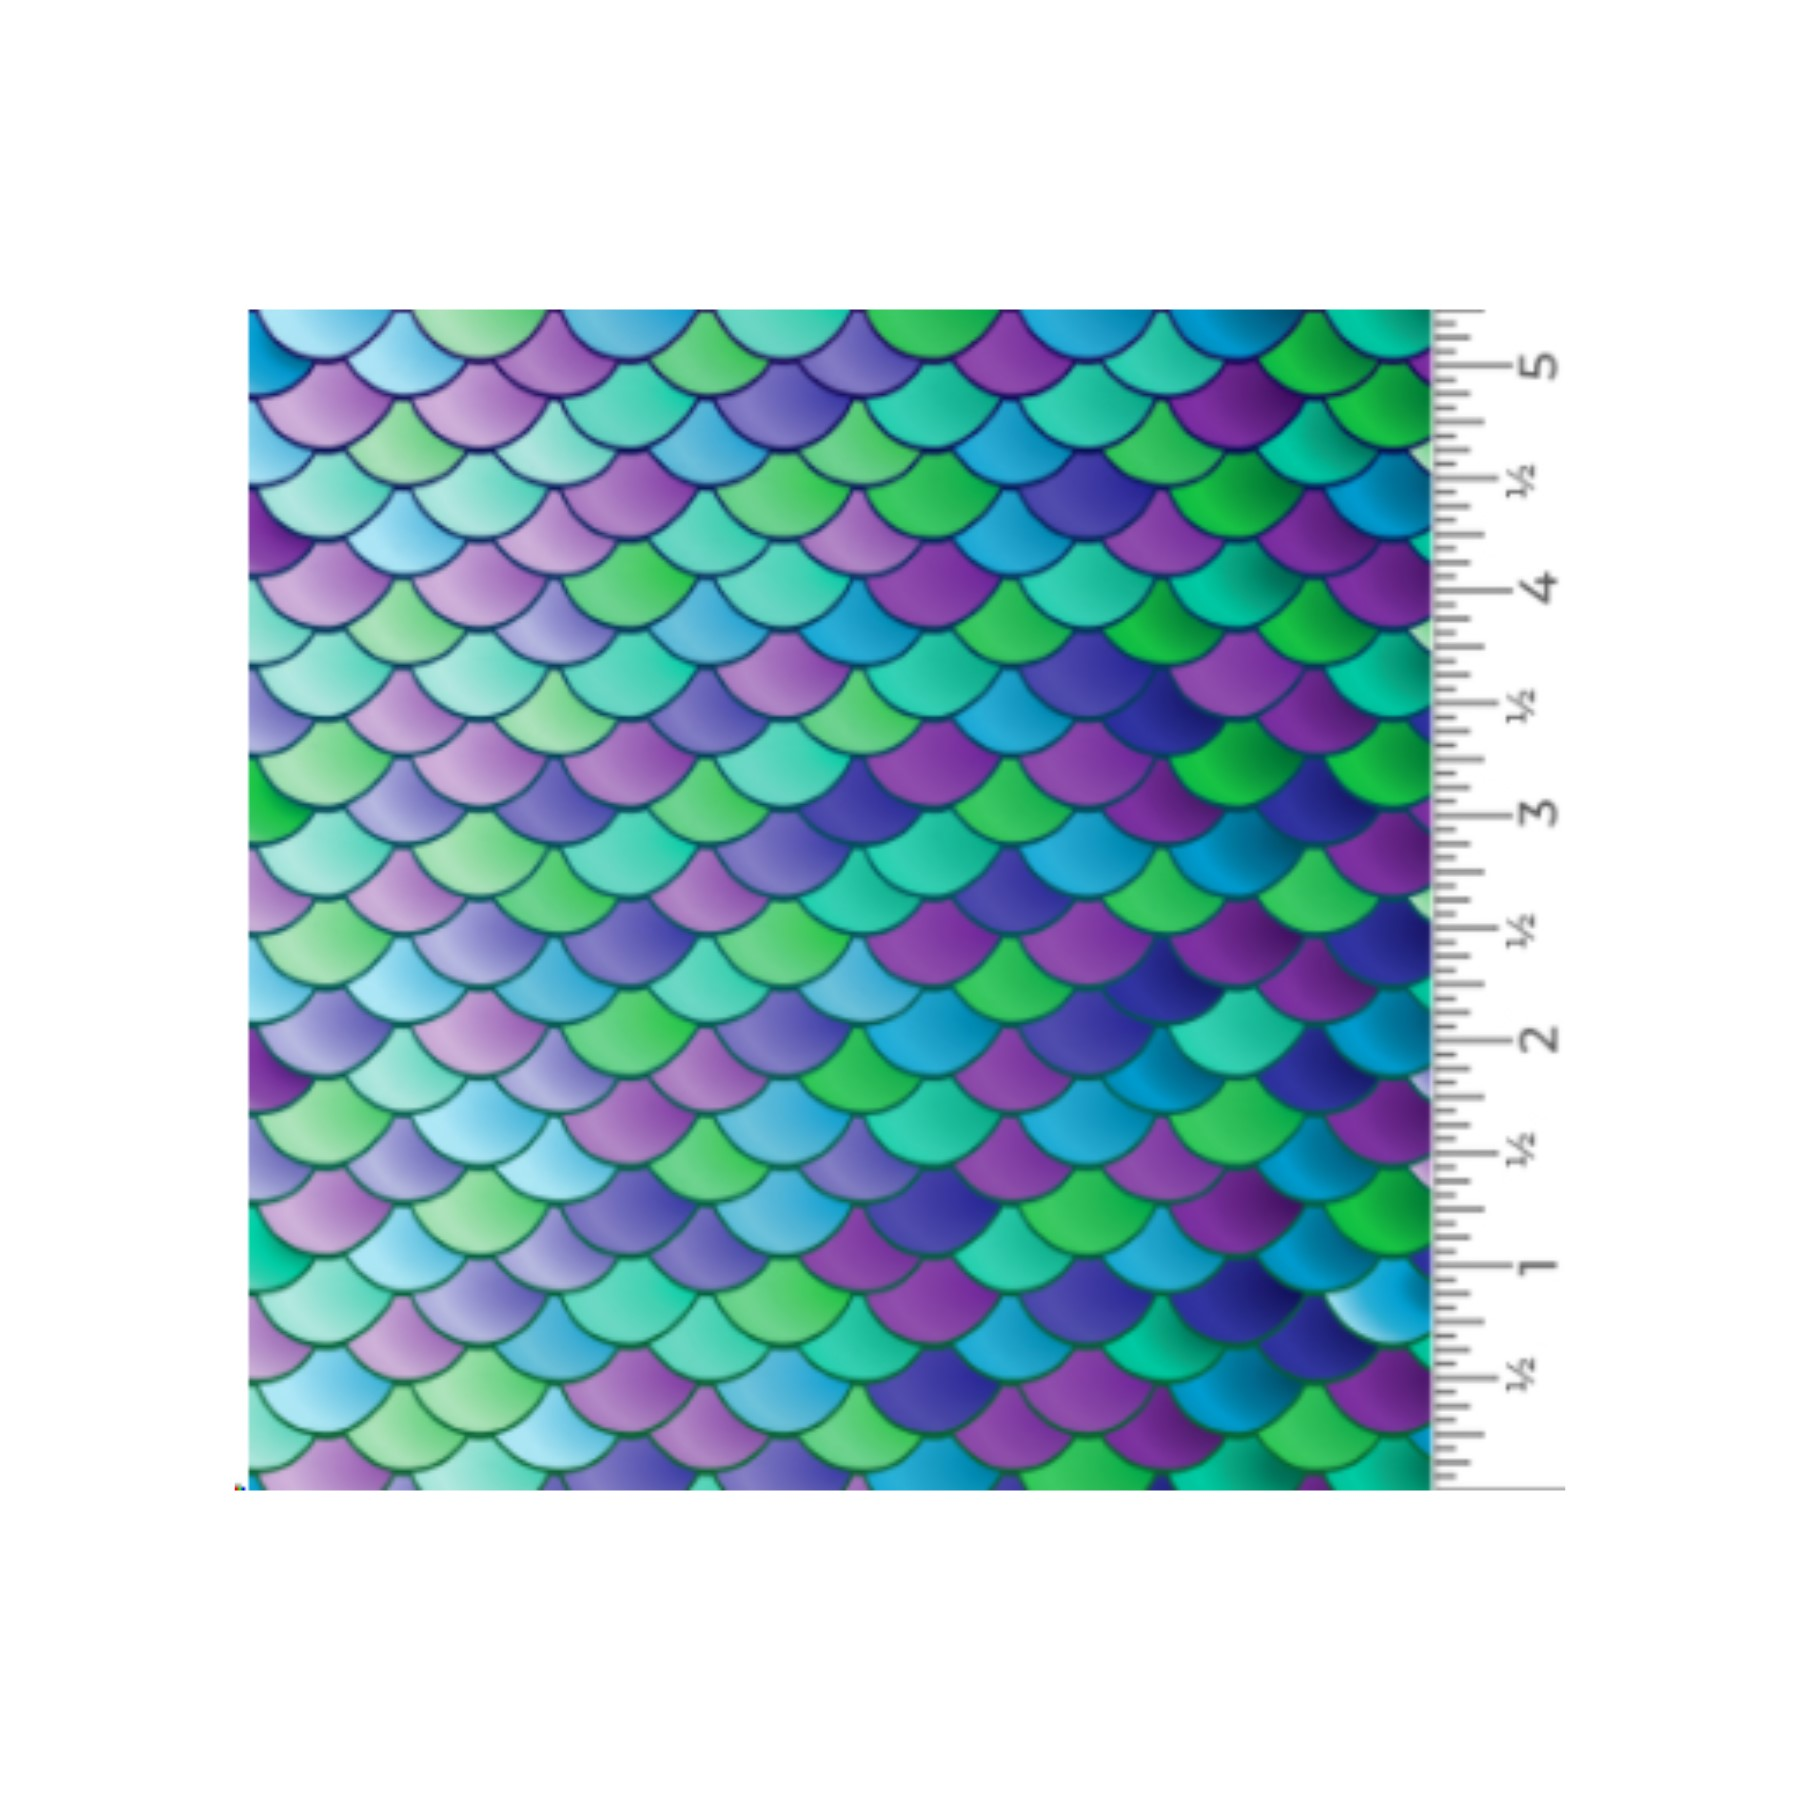 Vinilo textil diseños EasyPatterns® 30 x 50 cm Escamas de sirena